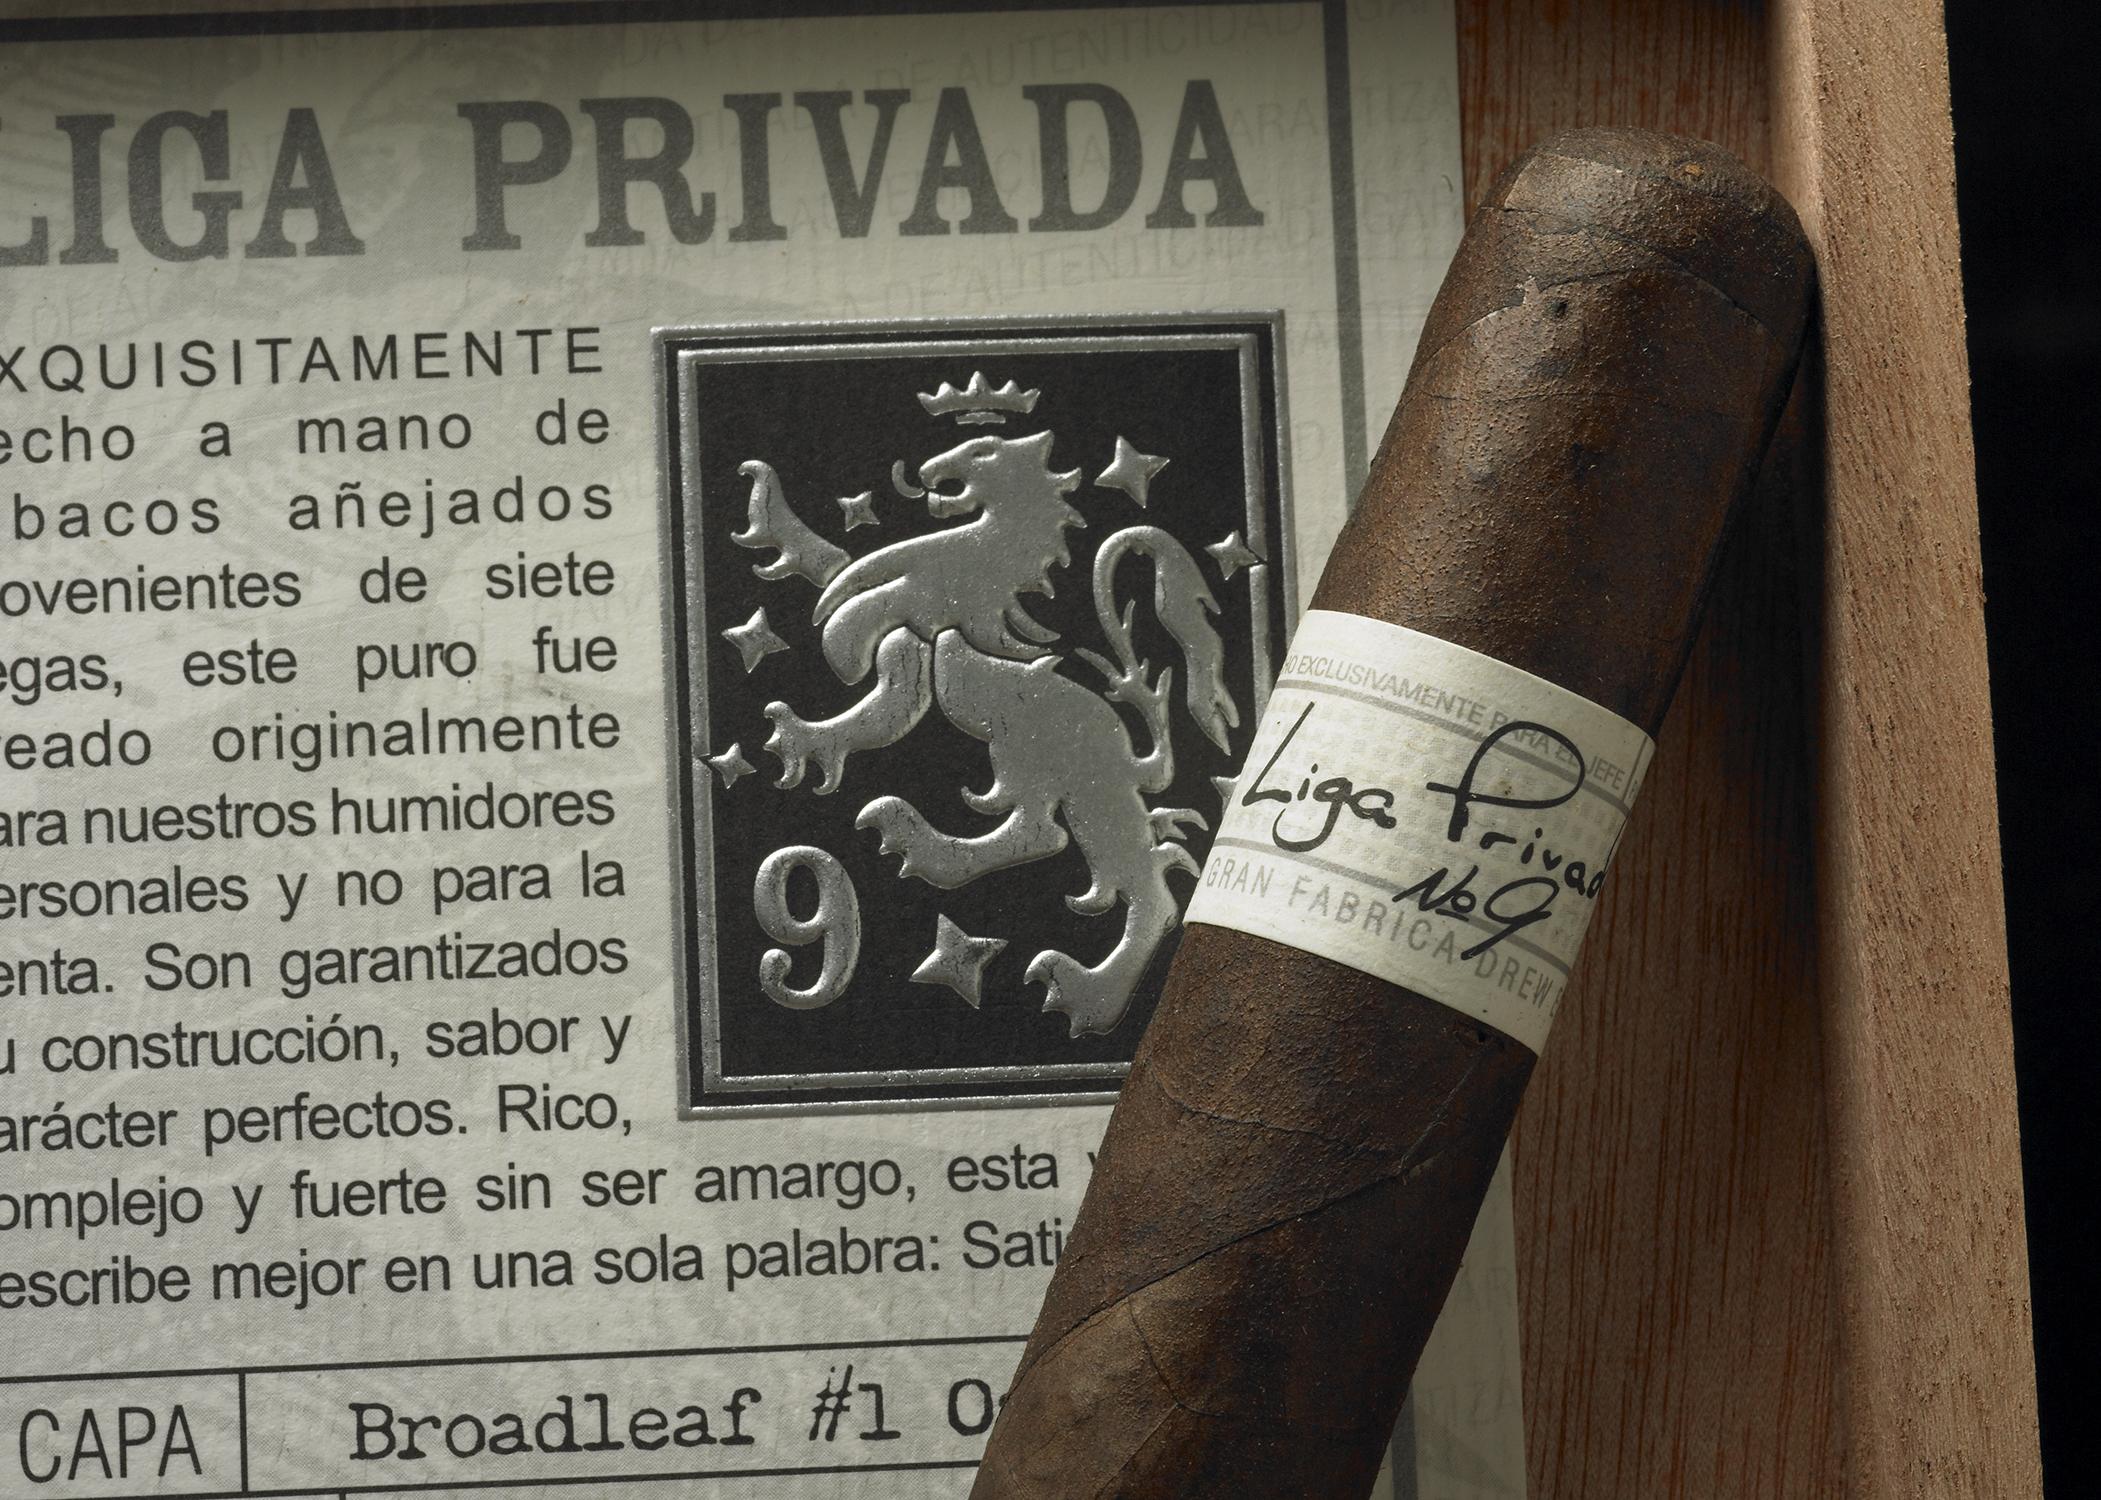 Cigars-021.jpg